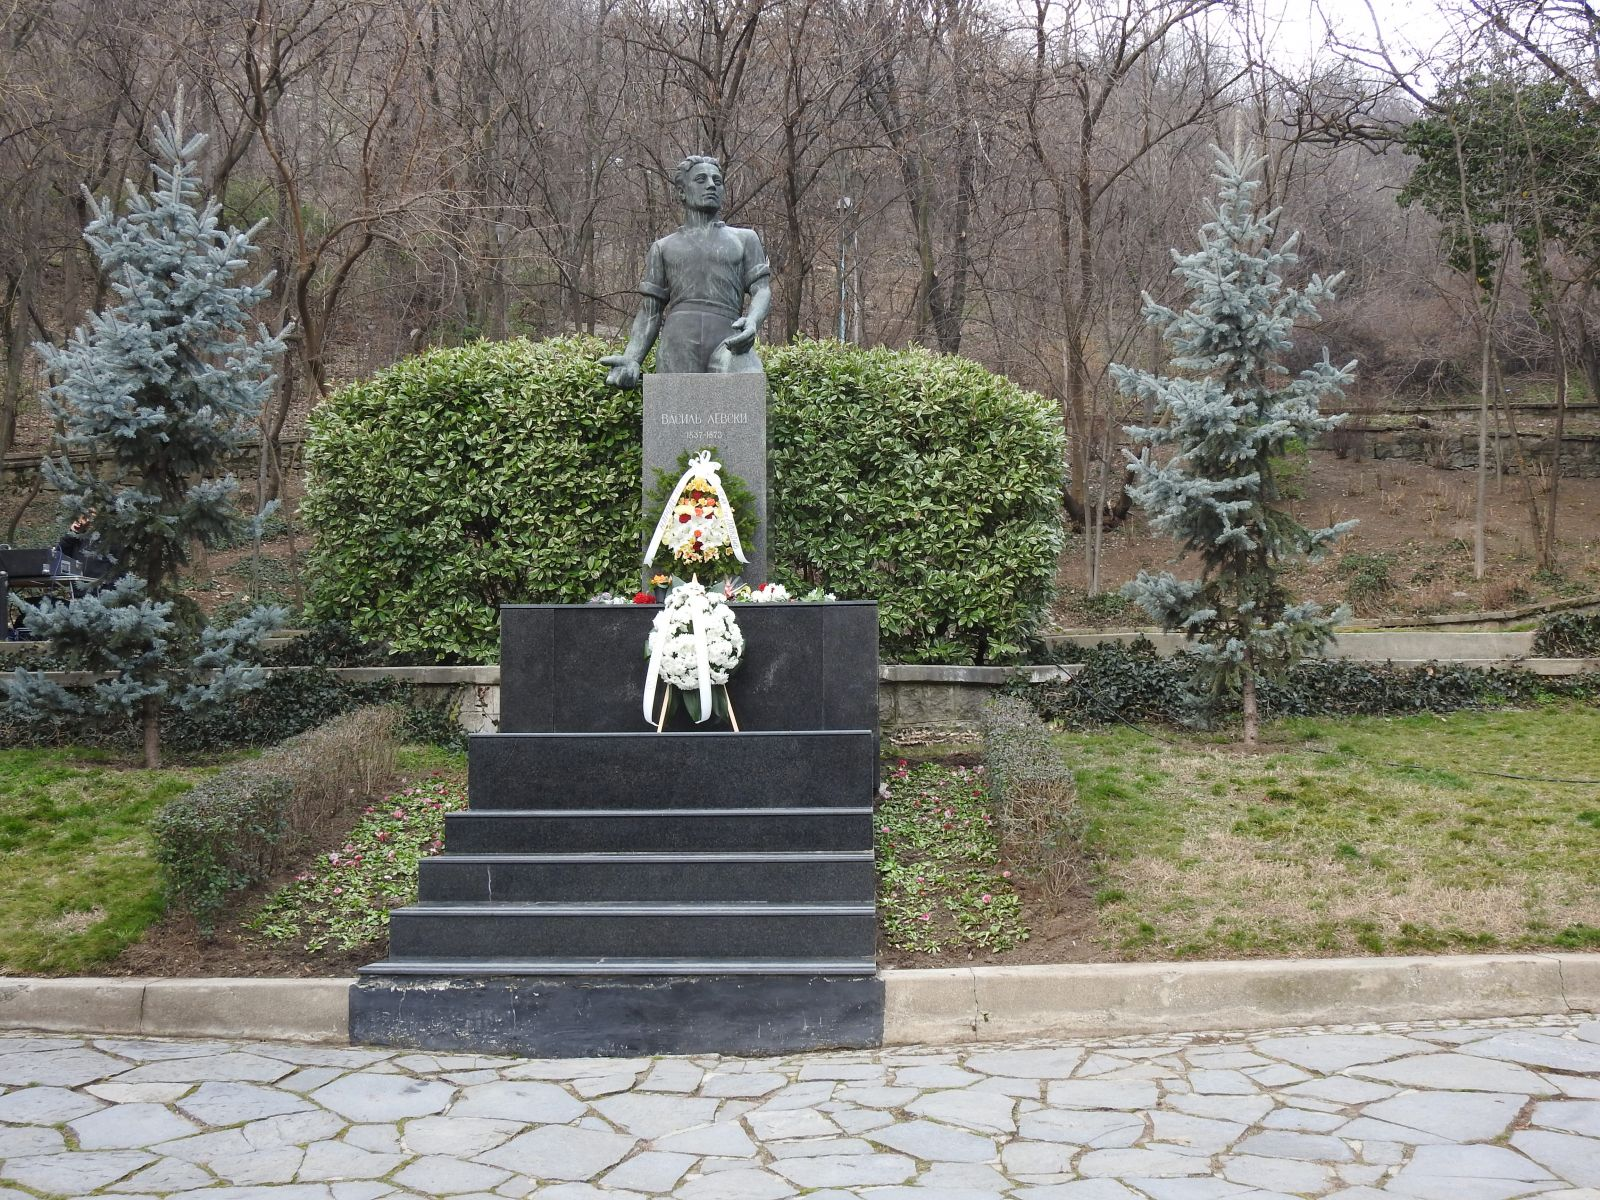 147 години от гибелта на Апостола на Свободата Васил Левски в Пловдив, ген.-майор Явор Матеев и Херо Мустафа на церемонията